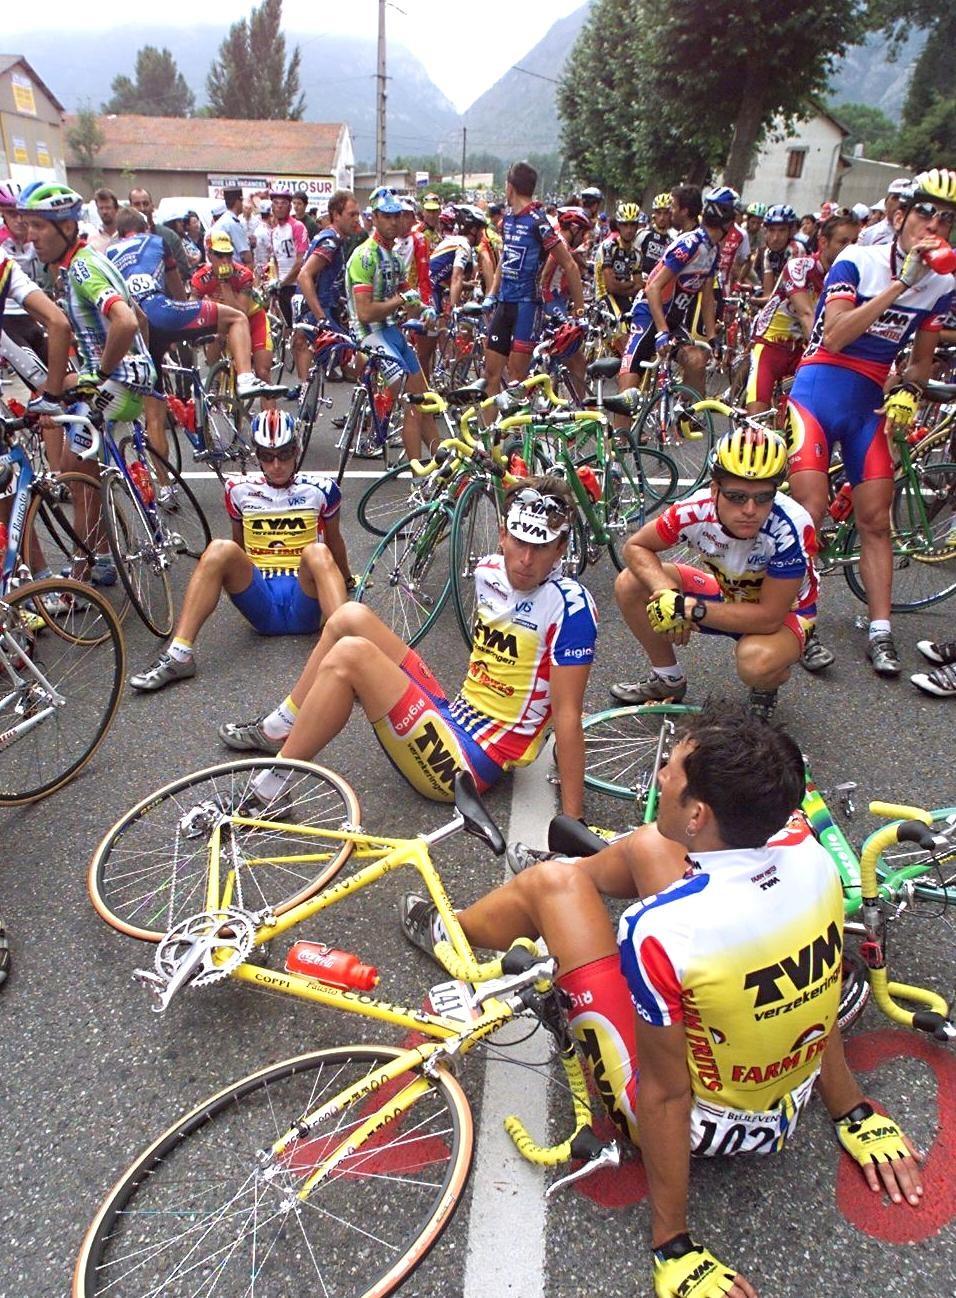 Tour de France 1998 : les courreurs protestent à Tarascon-sur-Ariège à propos du traitement médiatique du dopage